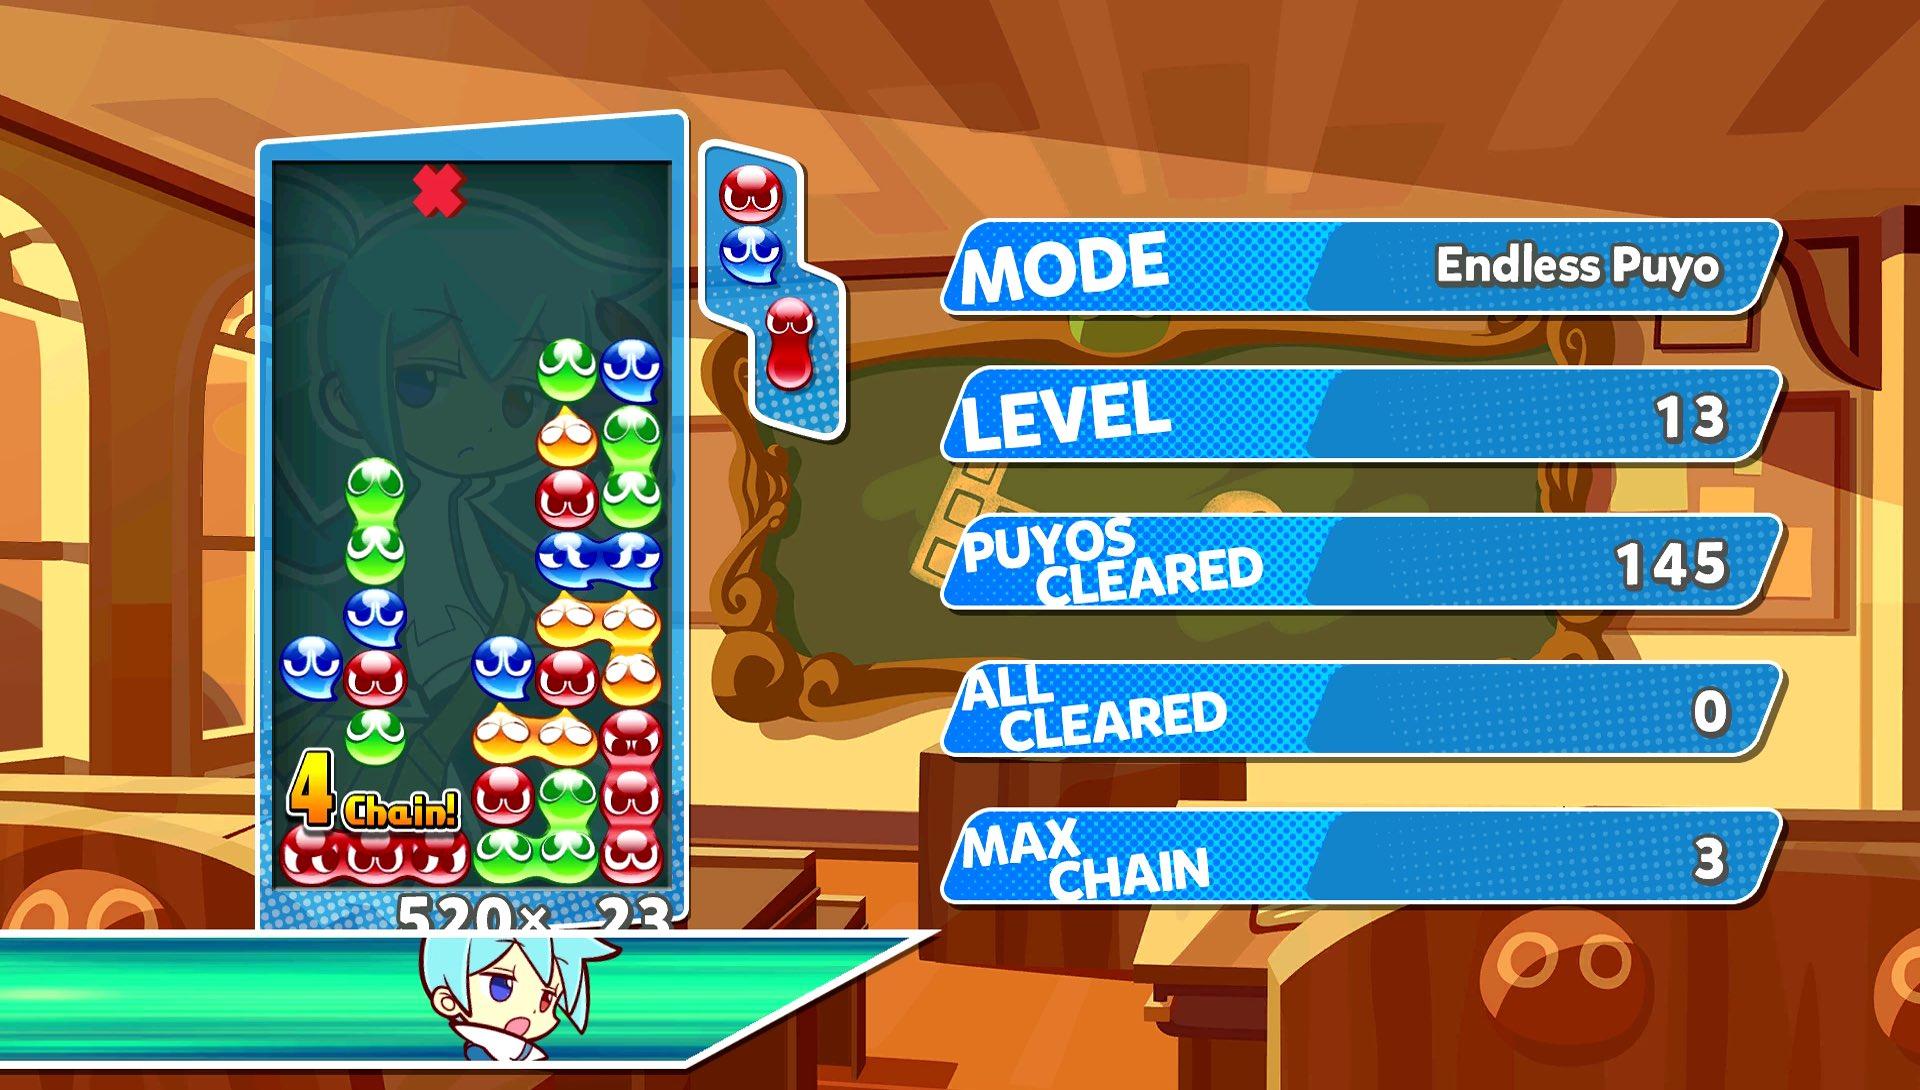 NintendoSwitch_PuyoPuyoTetris_screen_222